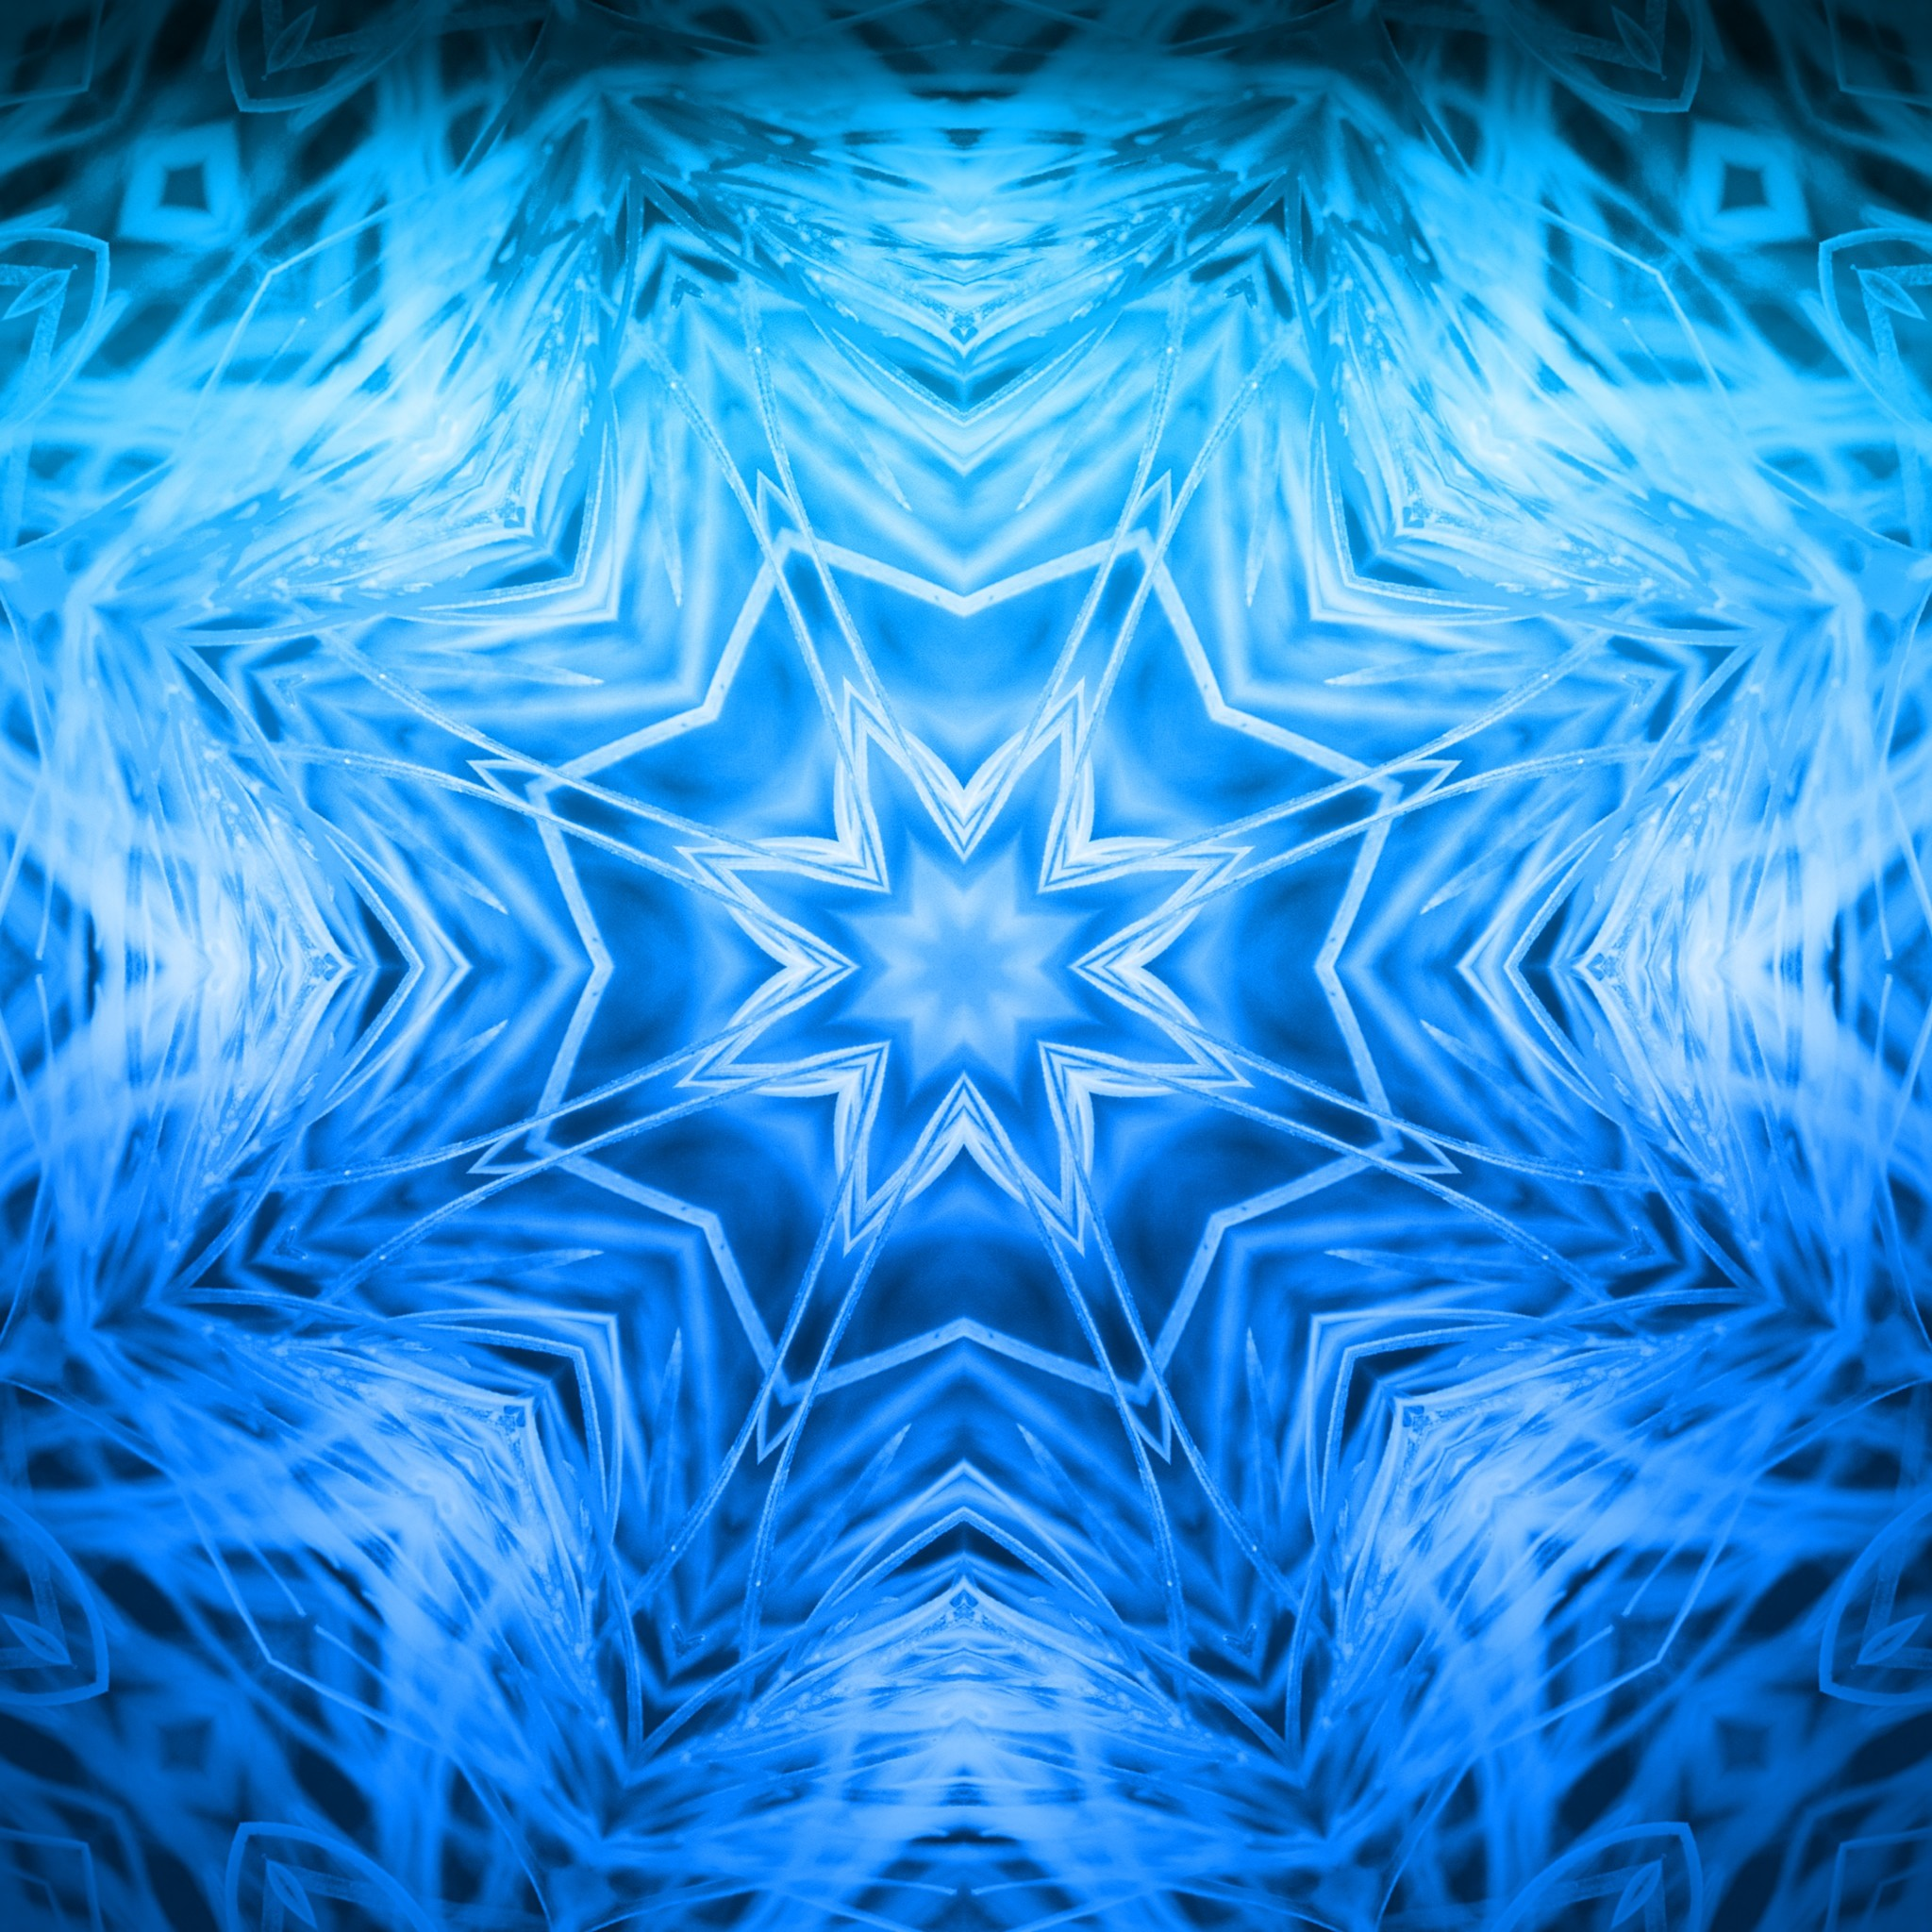 Wallpaper Desktop: Mandala Desktop Wallpaper (63+ Images